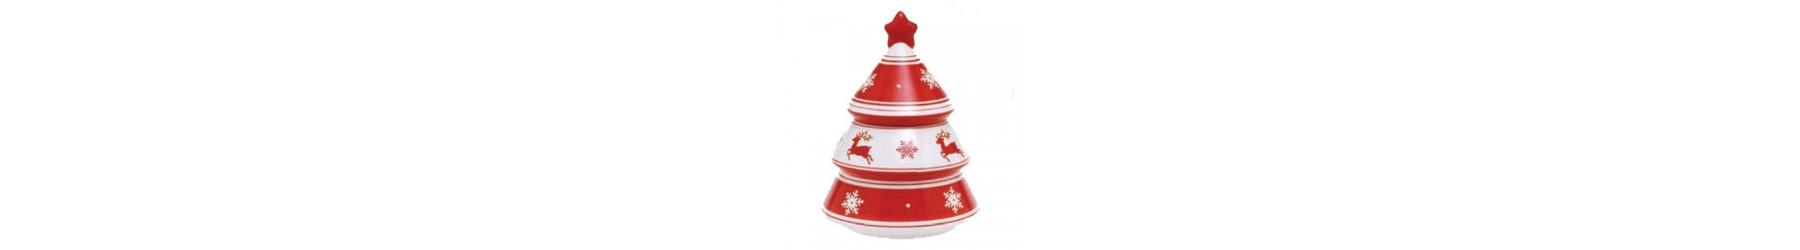 Μπισκοτιέρες Χριστουγεννιάτικες και δοχεία σε διάφορα σχέδια